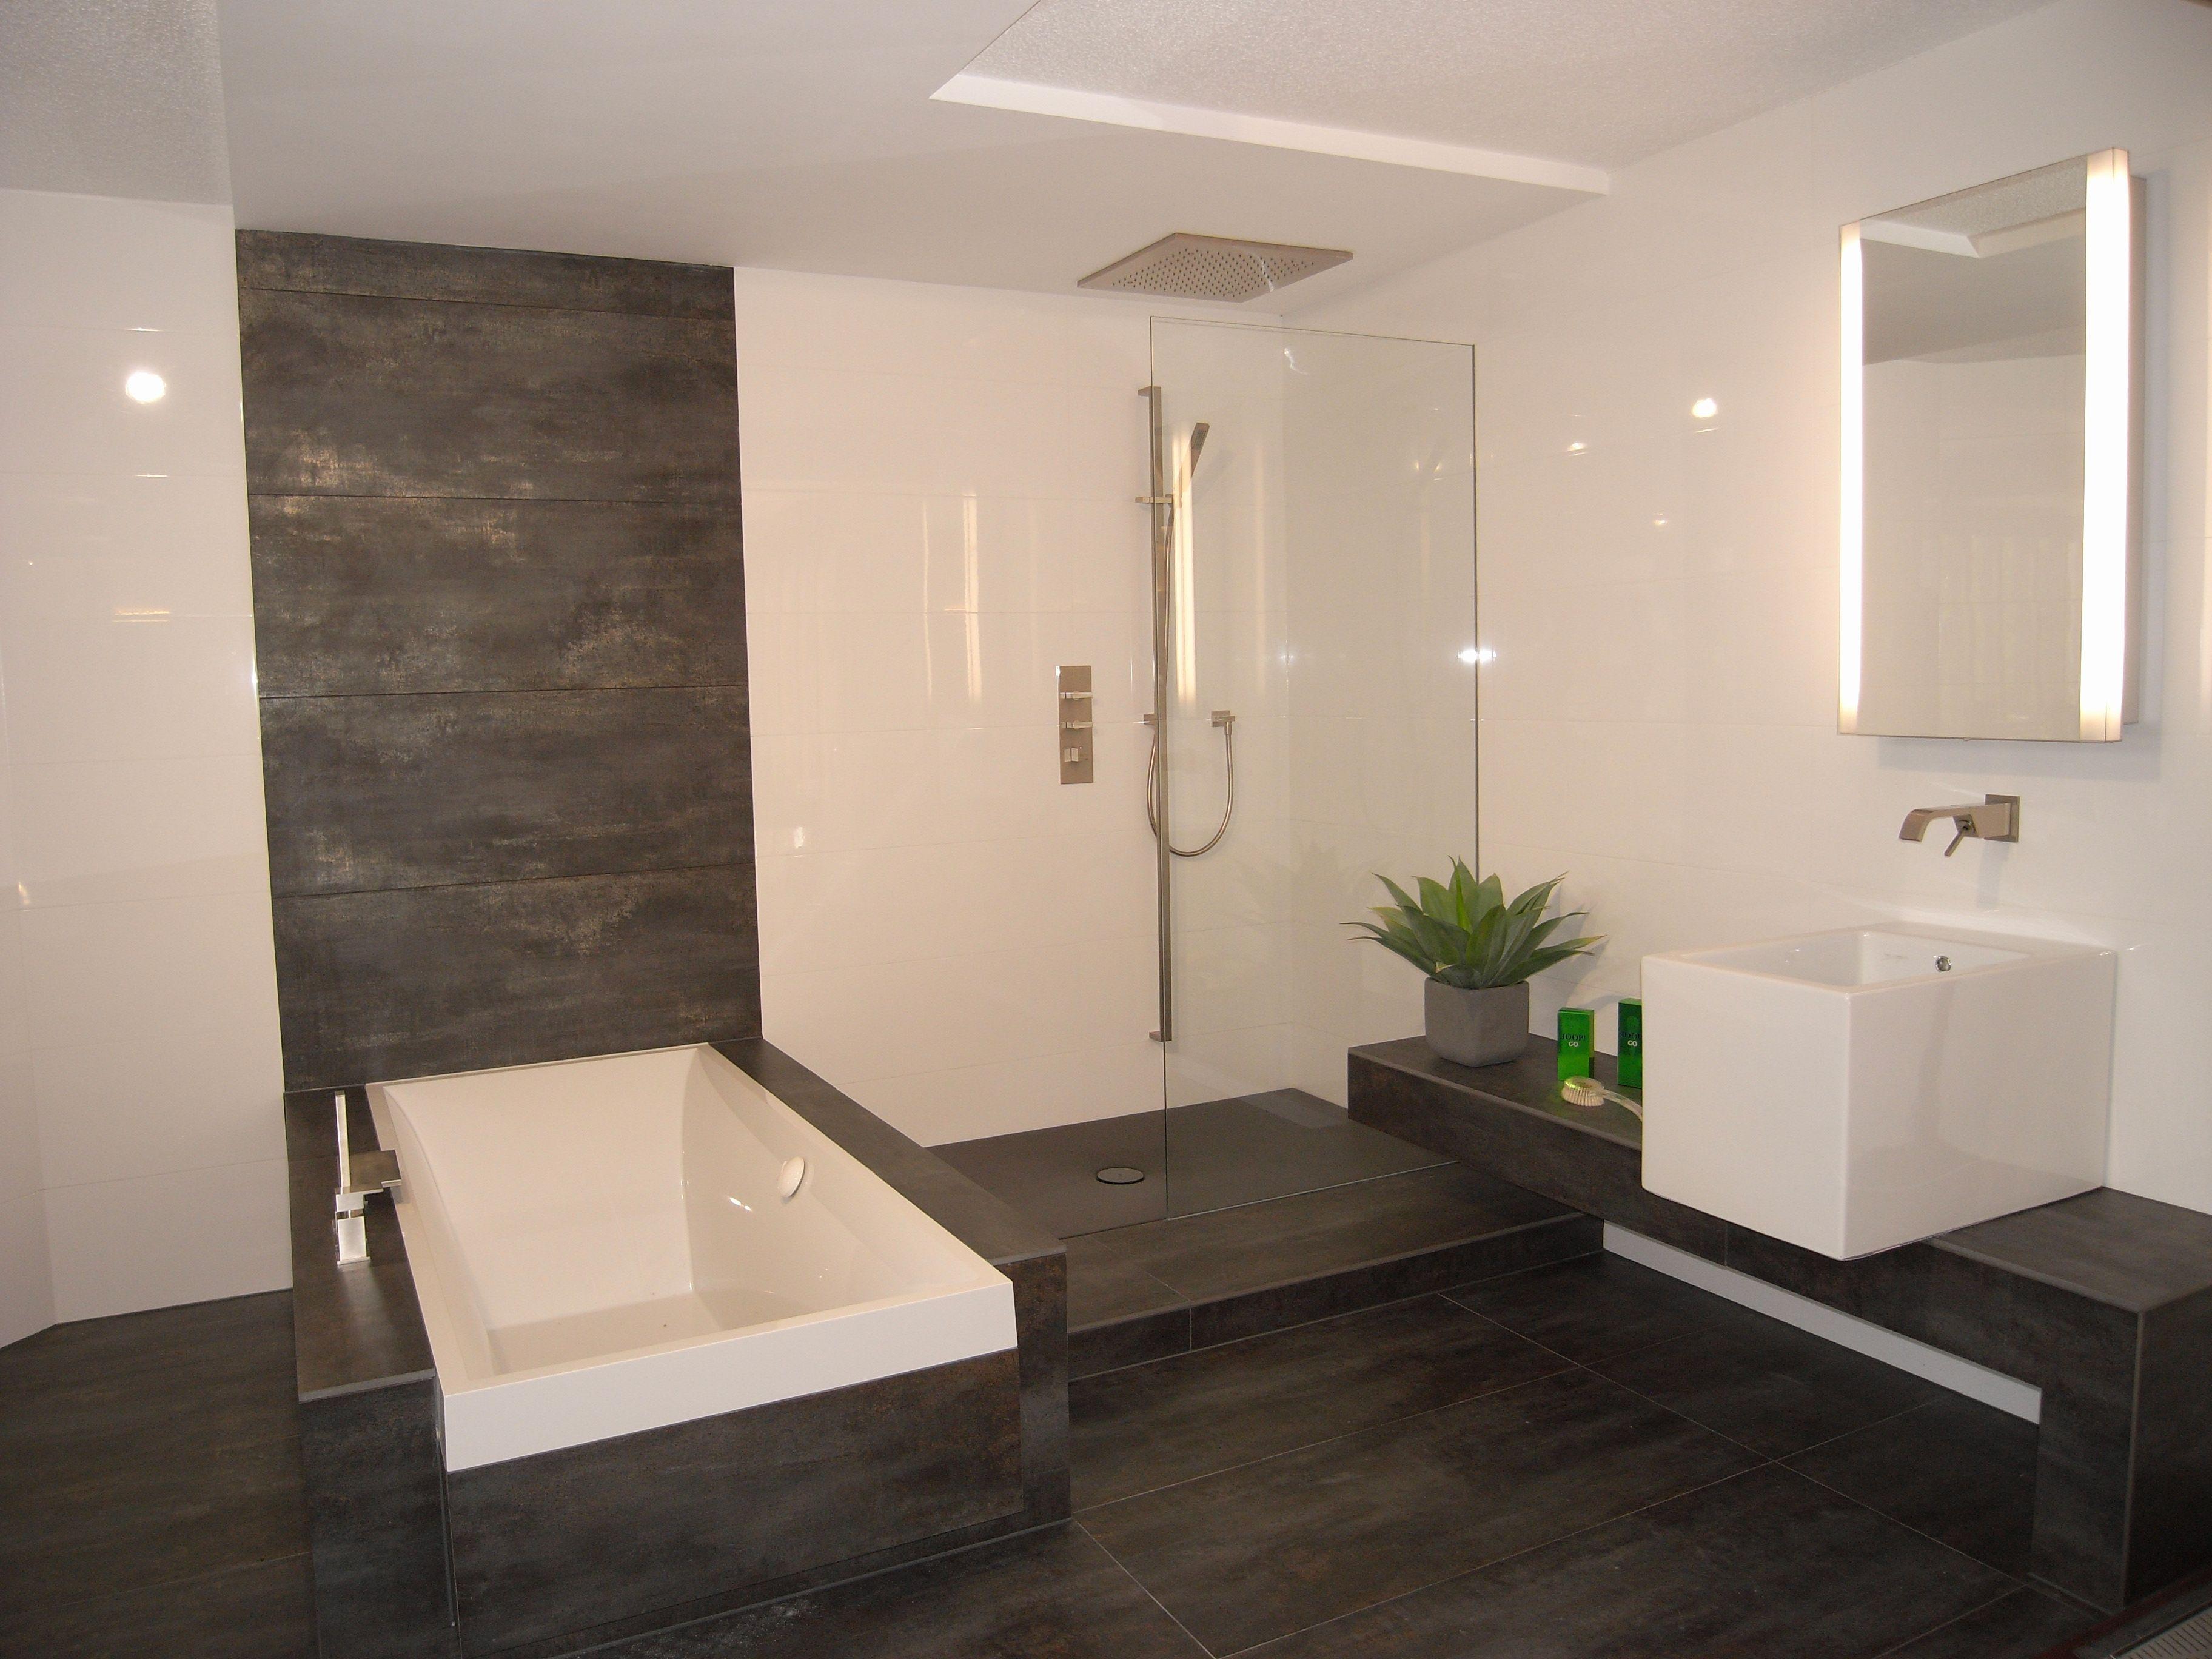 Badezimmer Design Modern Badezimmer Fliesen Modern Schlafzimmer Einbauschrank Im Modern Badez Badezimmer Design Badezimmer Fliesen Bilder